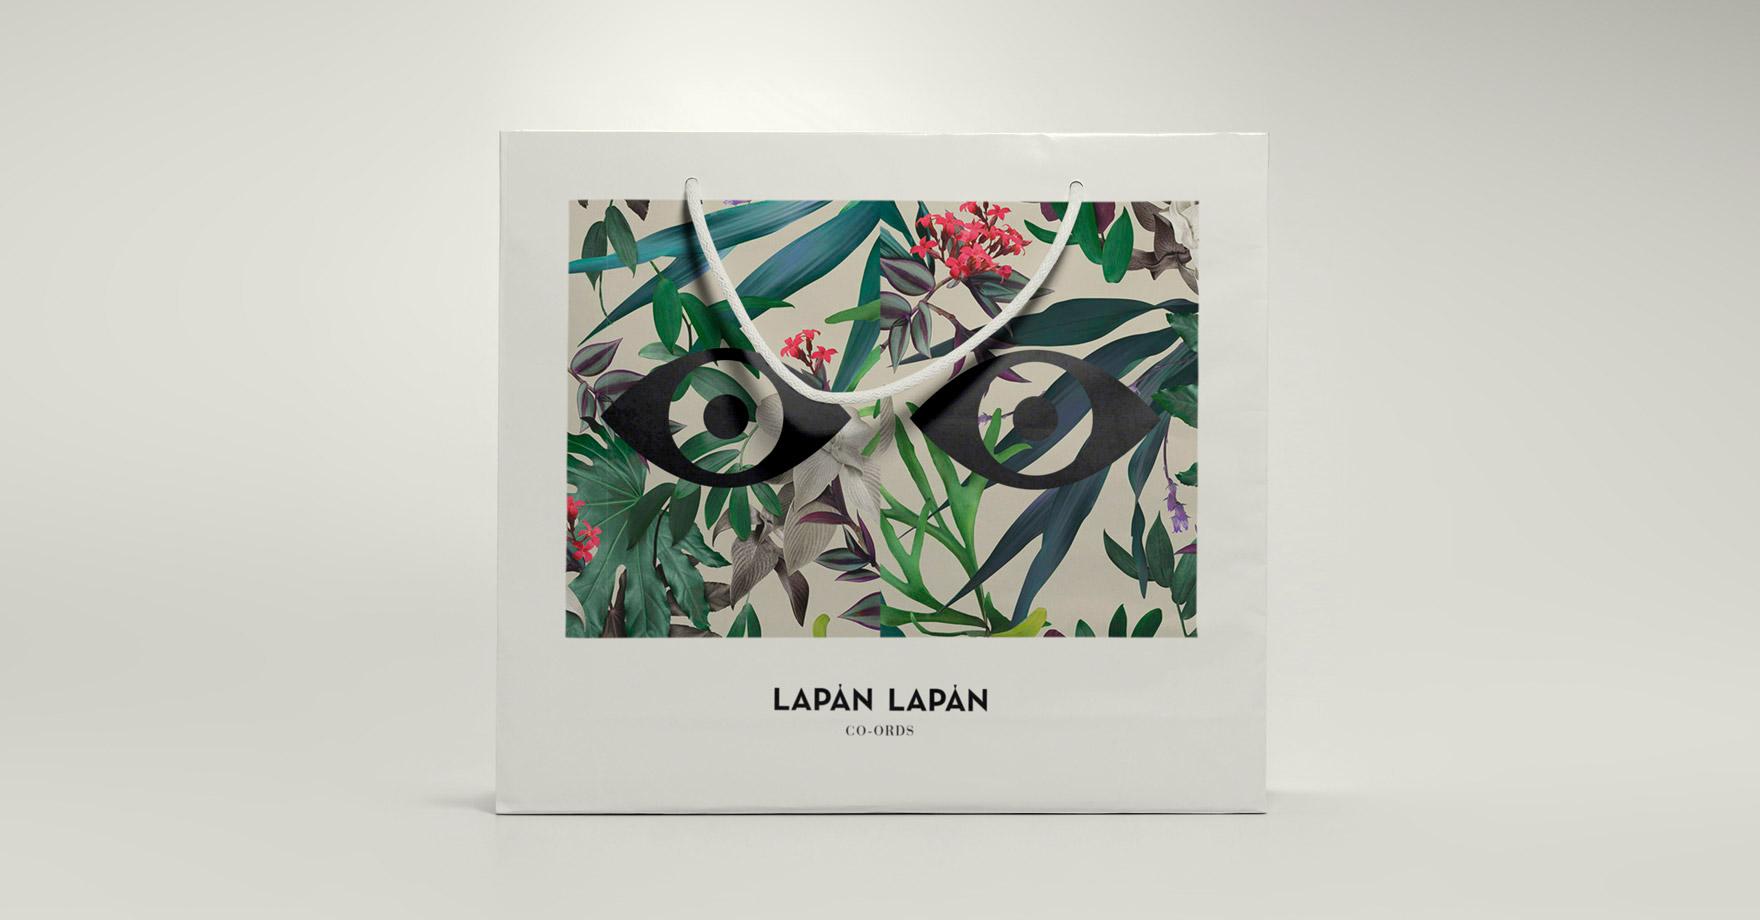 lapanlapan_bags